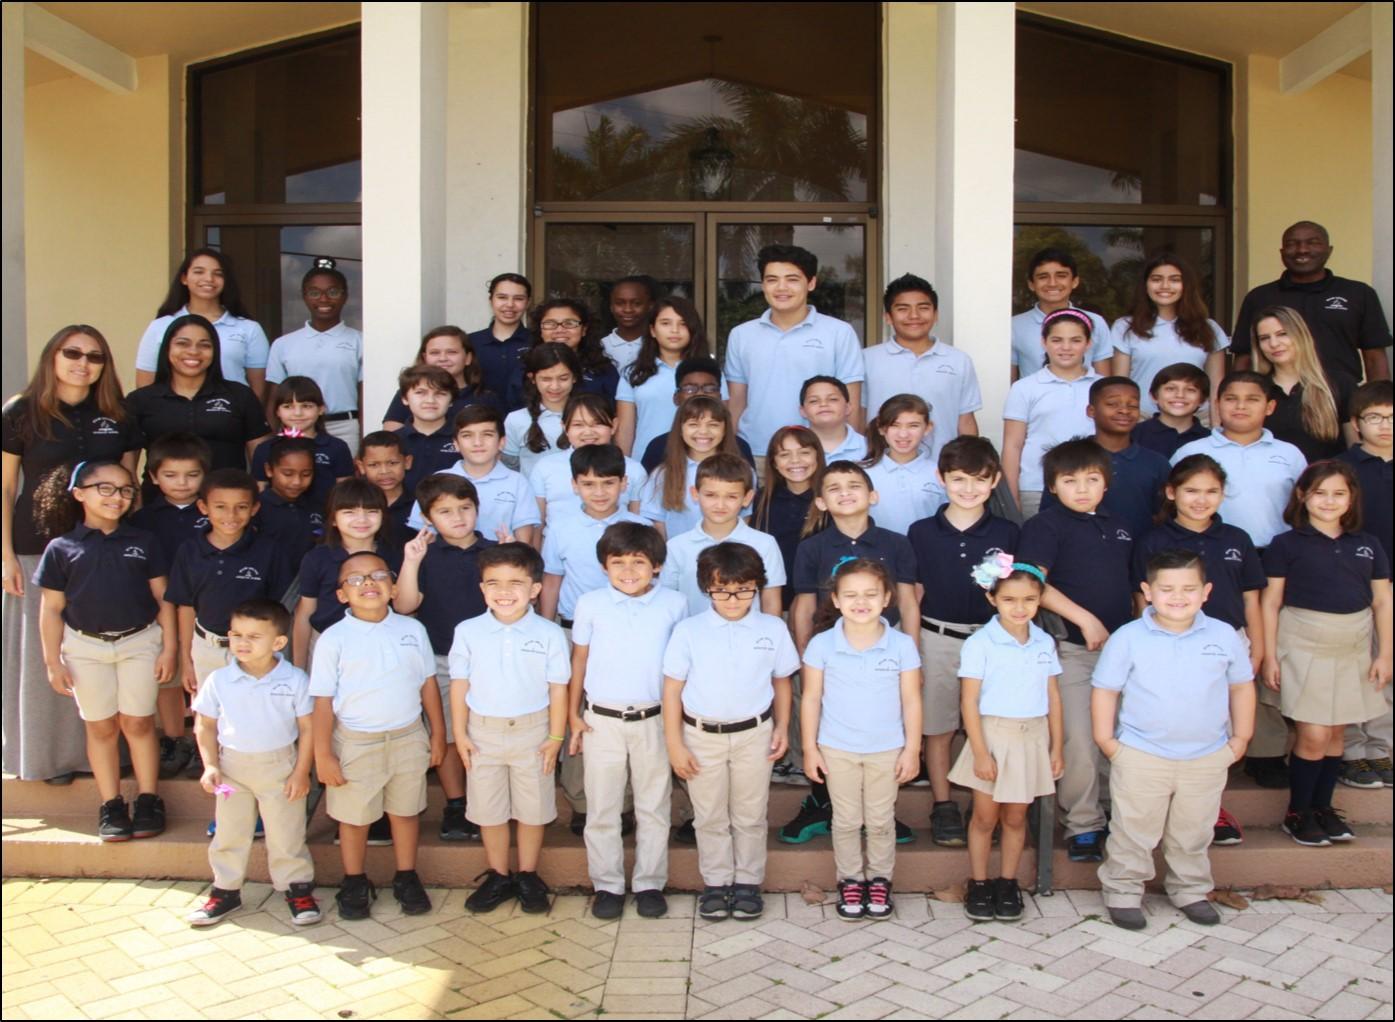 Miami Springs Seventh-Day Adventist Church - Miami Springs